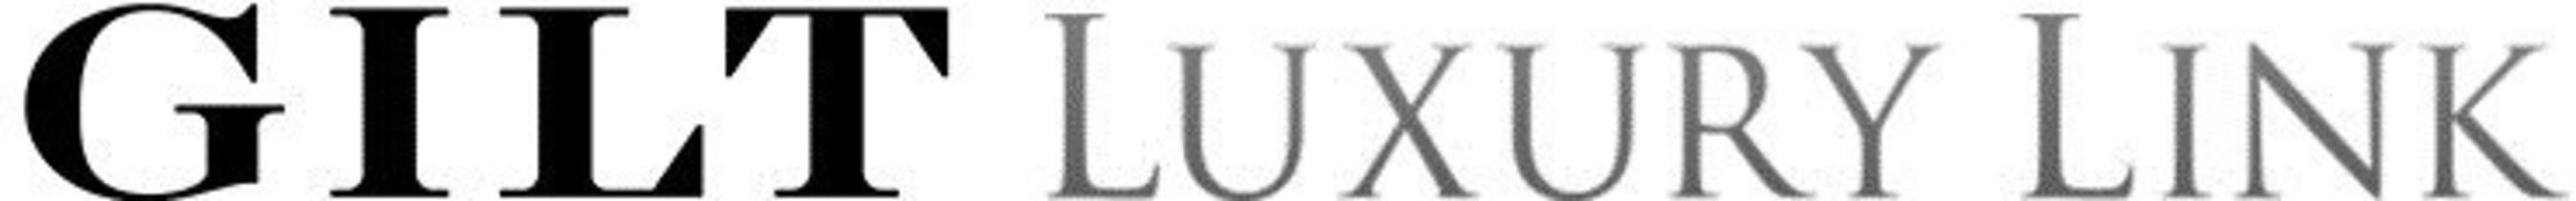 Gilt.com and LuxuryLink.com logos